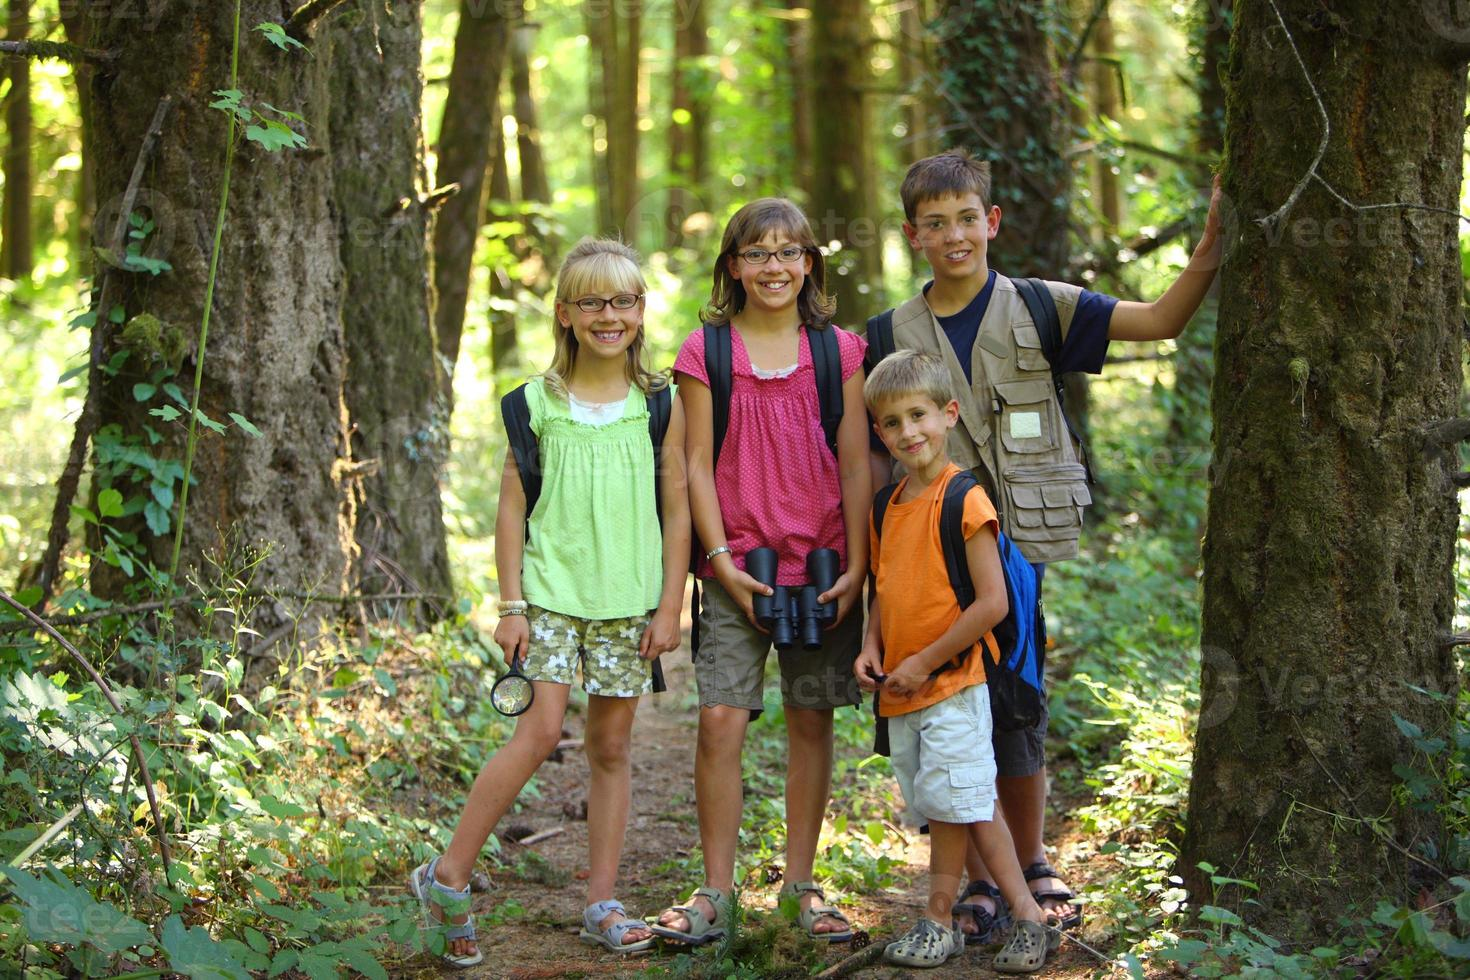 portret van kinderen in het bos foto